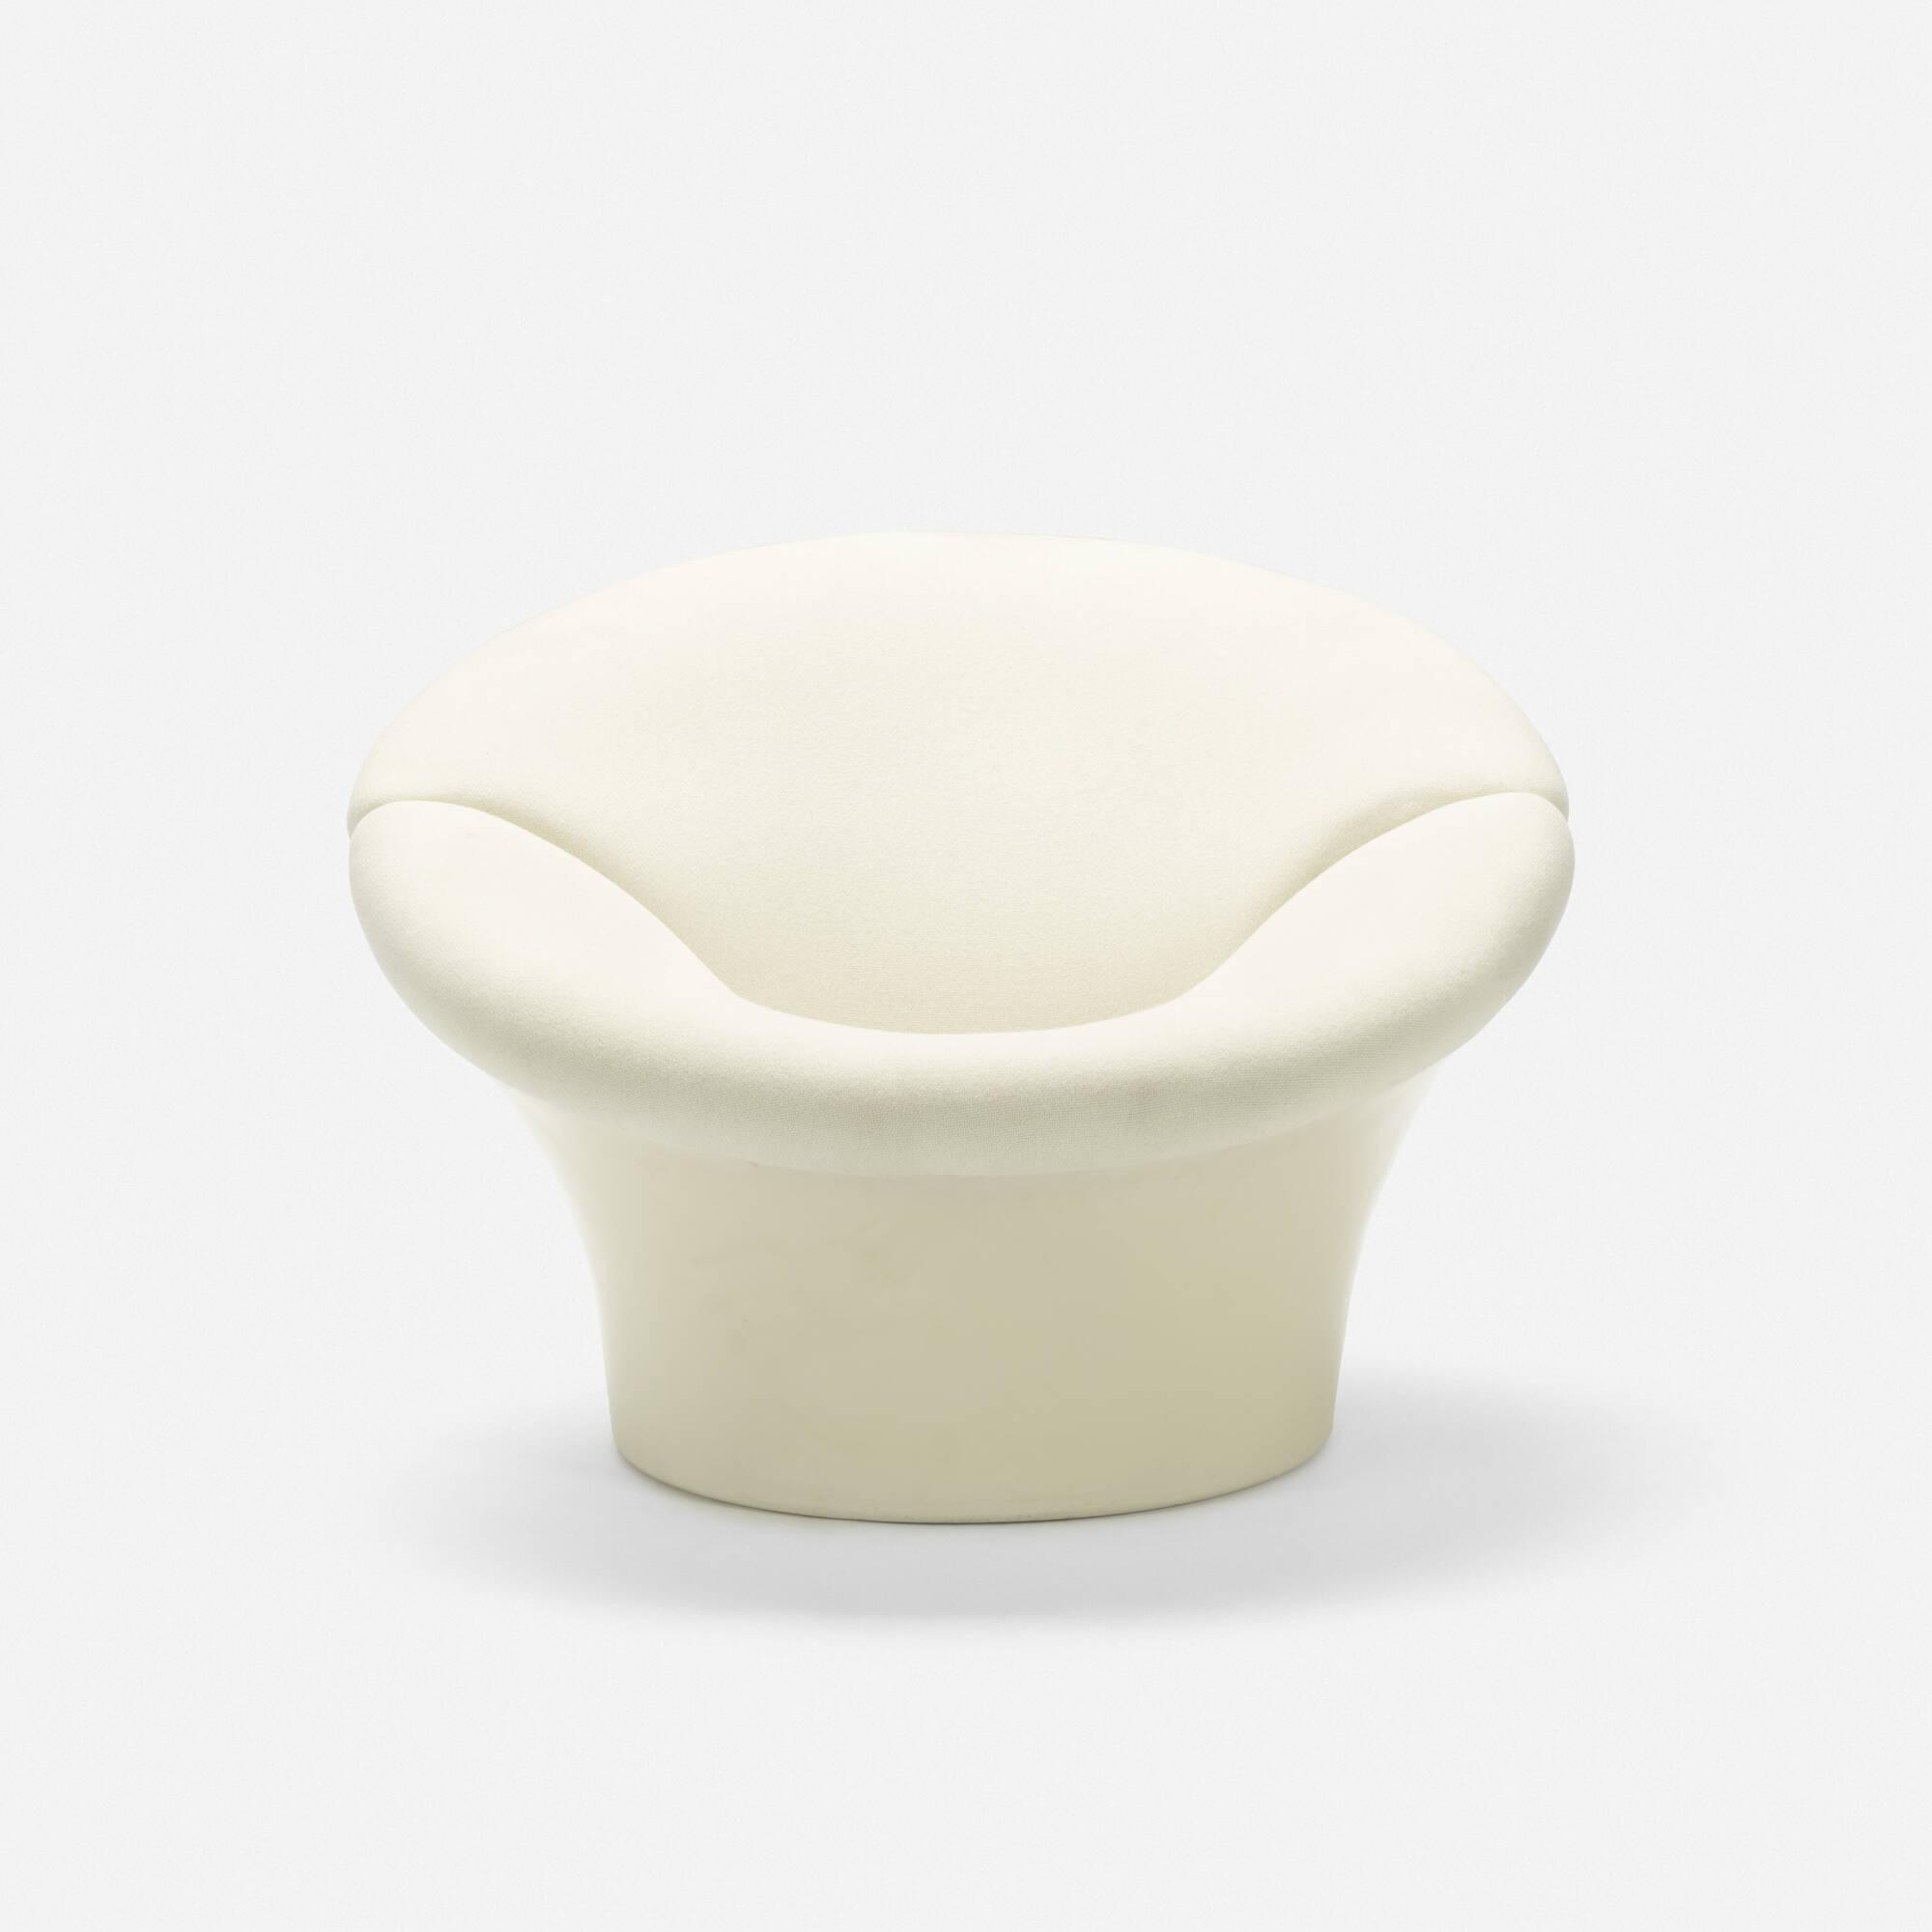 318: Pierre Paulin / rare Voulu comme un Baiser chair, model 315 (1 of 3)